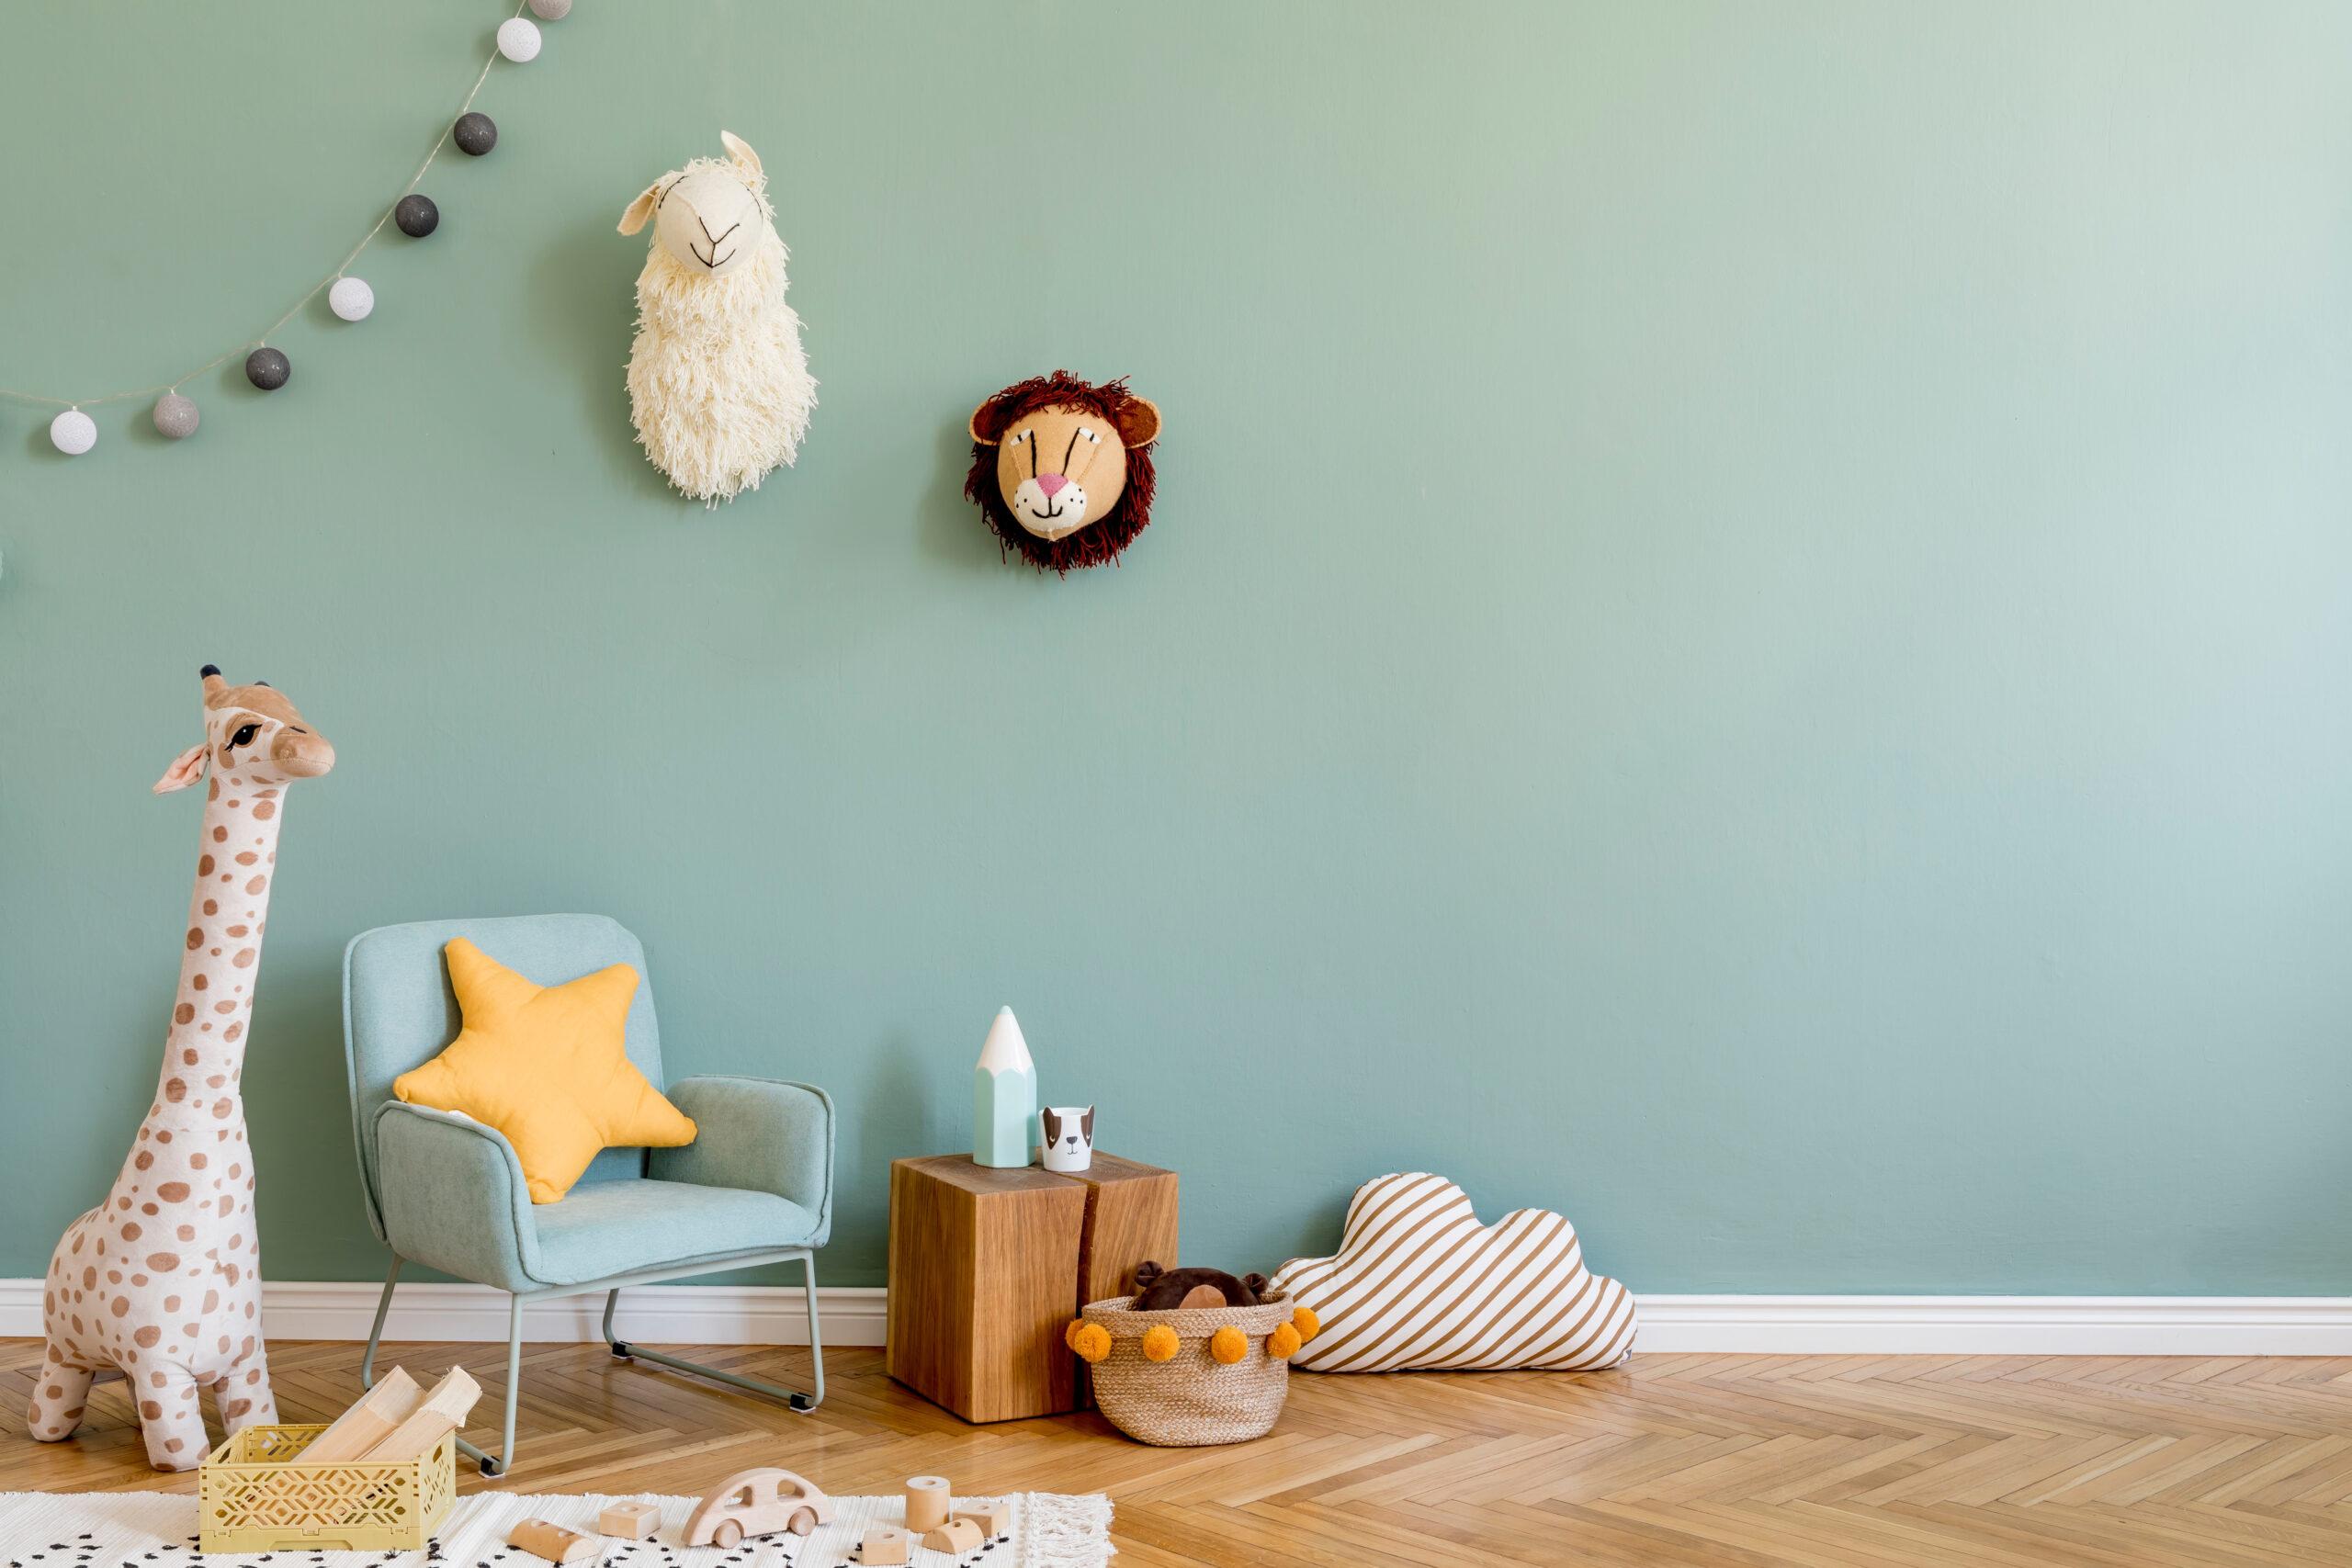 Full Size of Kinderzimmer Gestalten Tolle Ideen Lamodula Sofa Regal Kleine Küche Einrichten Regale Weiß Badezimmer Kinderzimmer Kinderzimmer Einrichten Junge